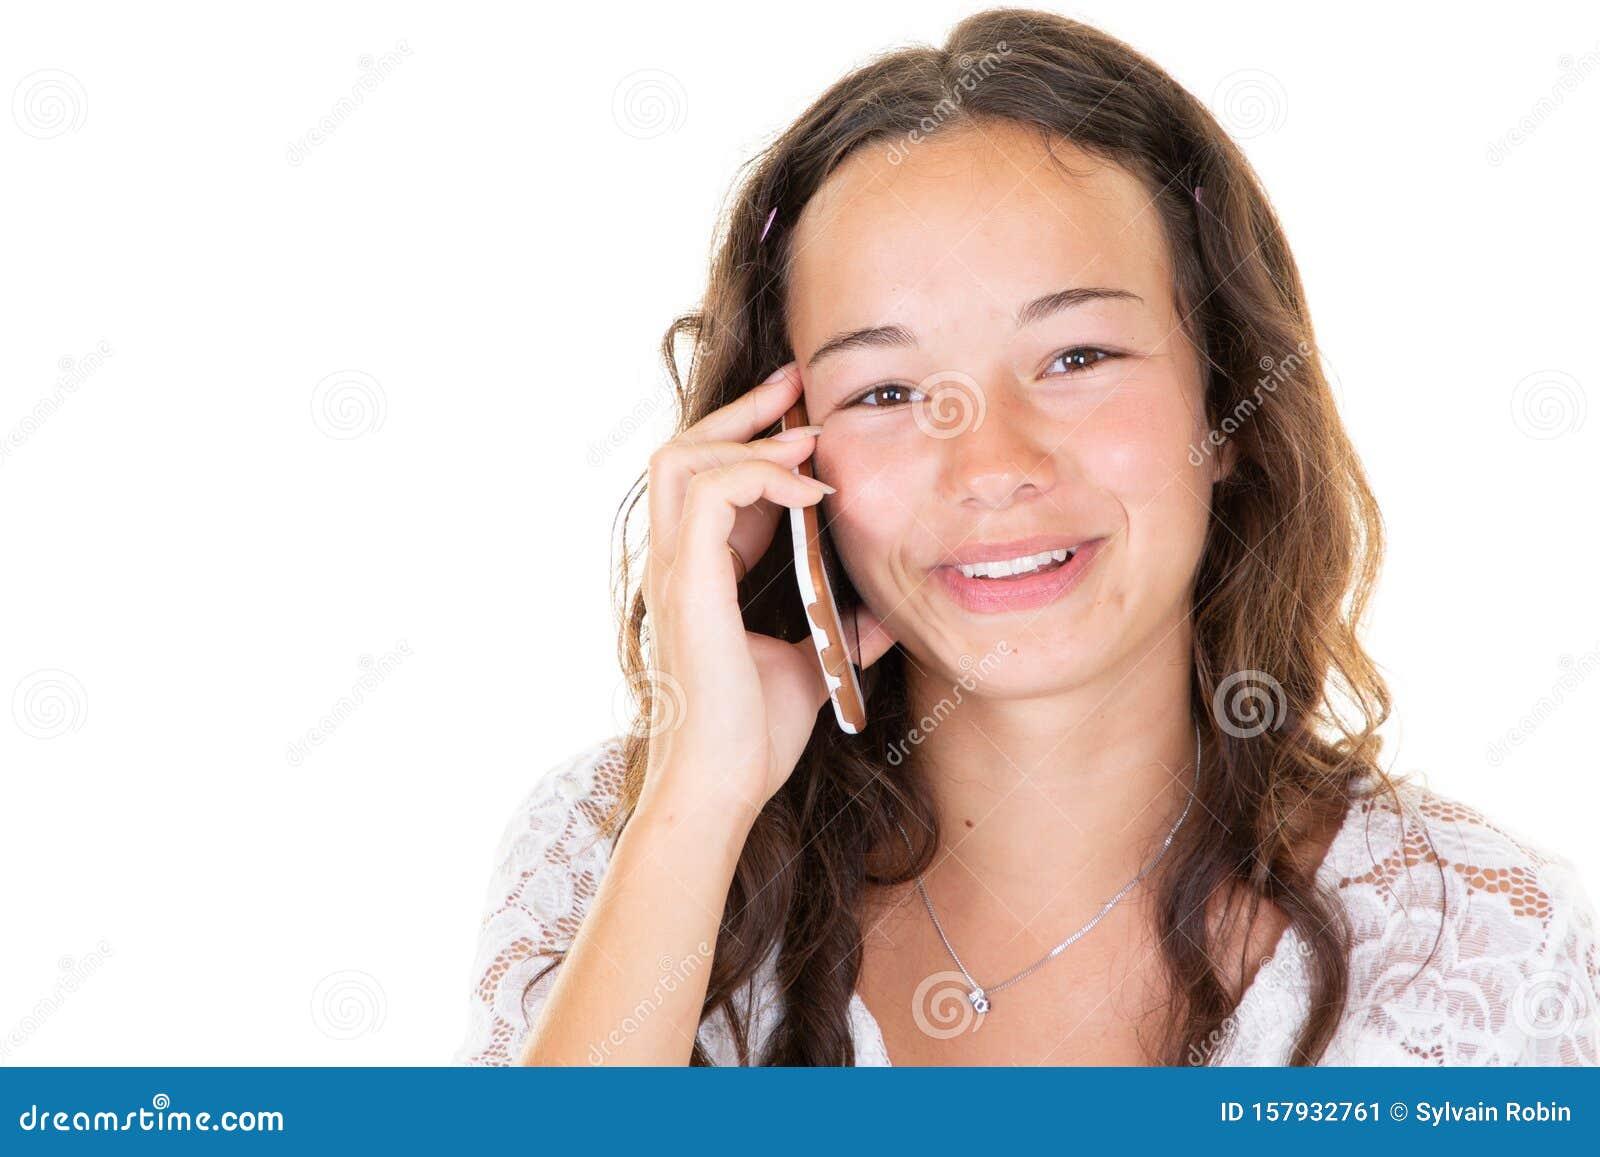 黑发美女的画像让白色背景少女的年轻女子在电话中惊讶不已库存图片 图片包括有黑发美女的画像让白色背景少女的年轻女子在电话中惊讶不已 157932761